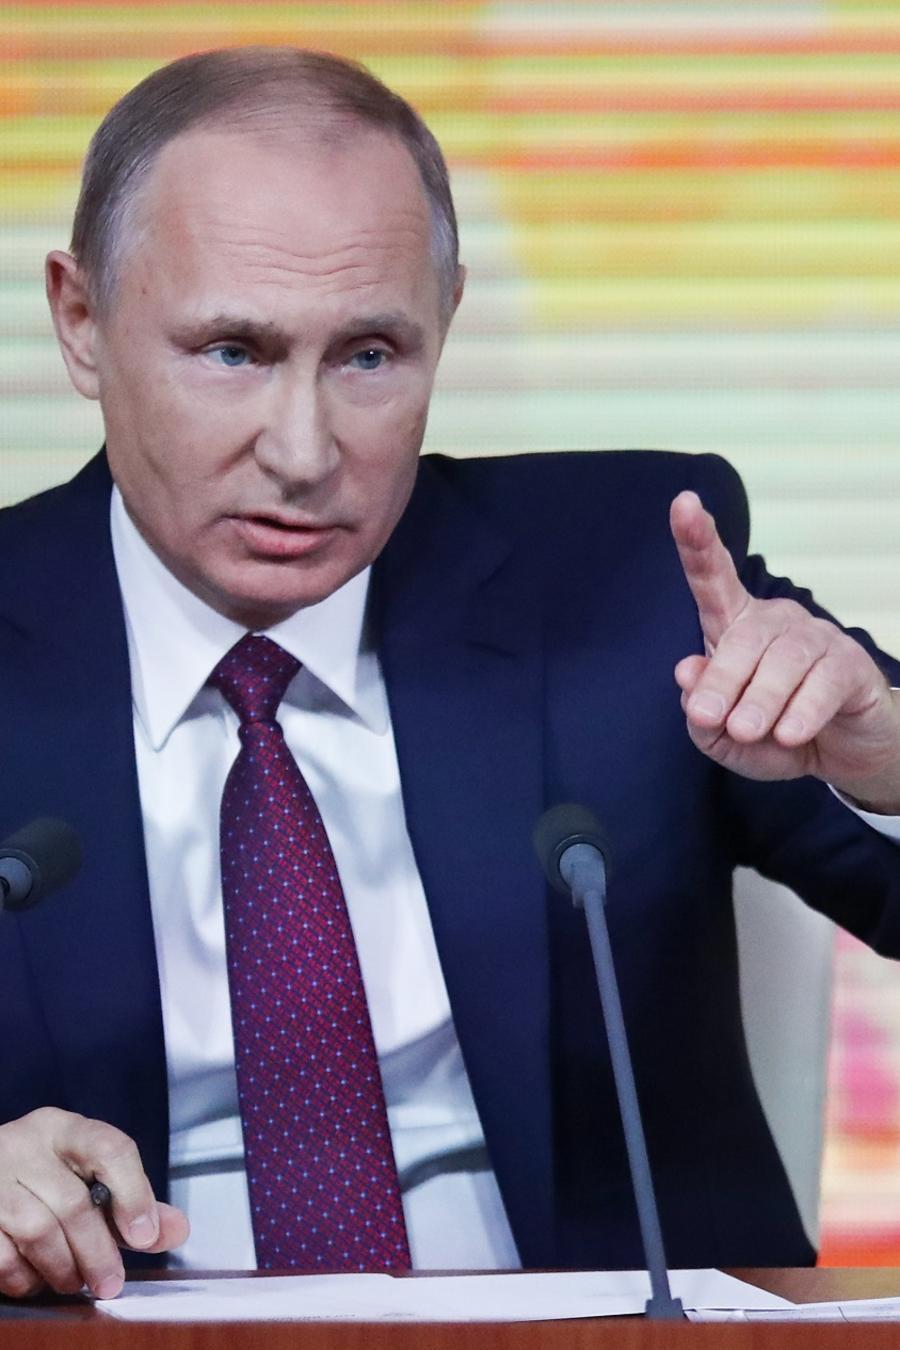 El presidente ruso, Vladimir Putin, durante su conferencia de prensa anual en Moscú, Rusia.